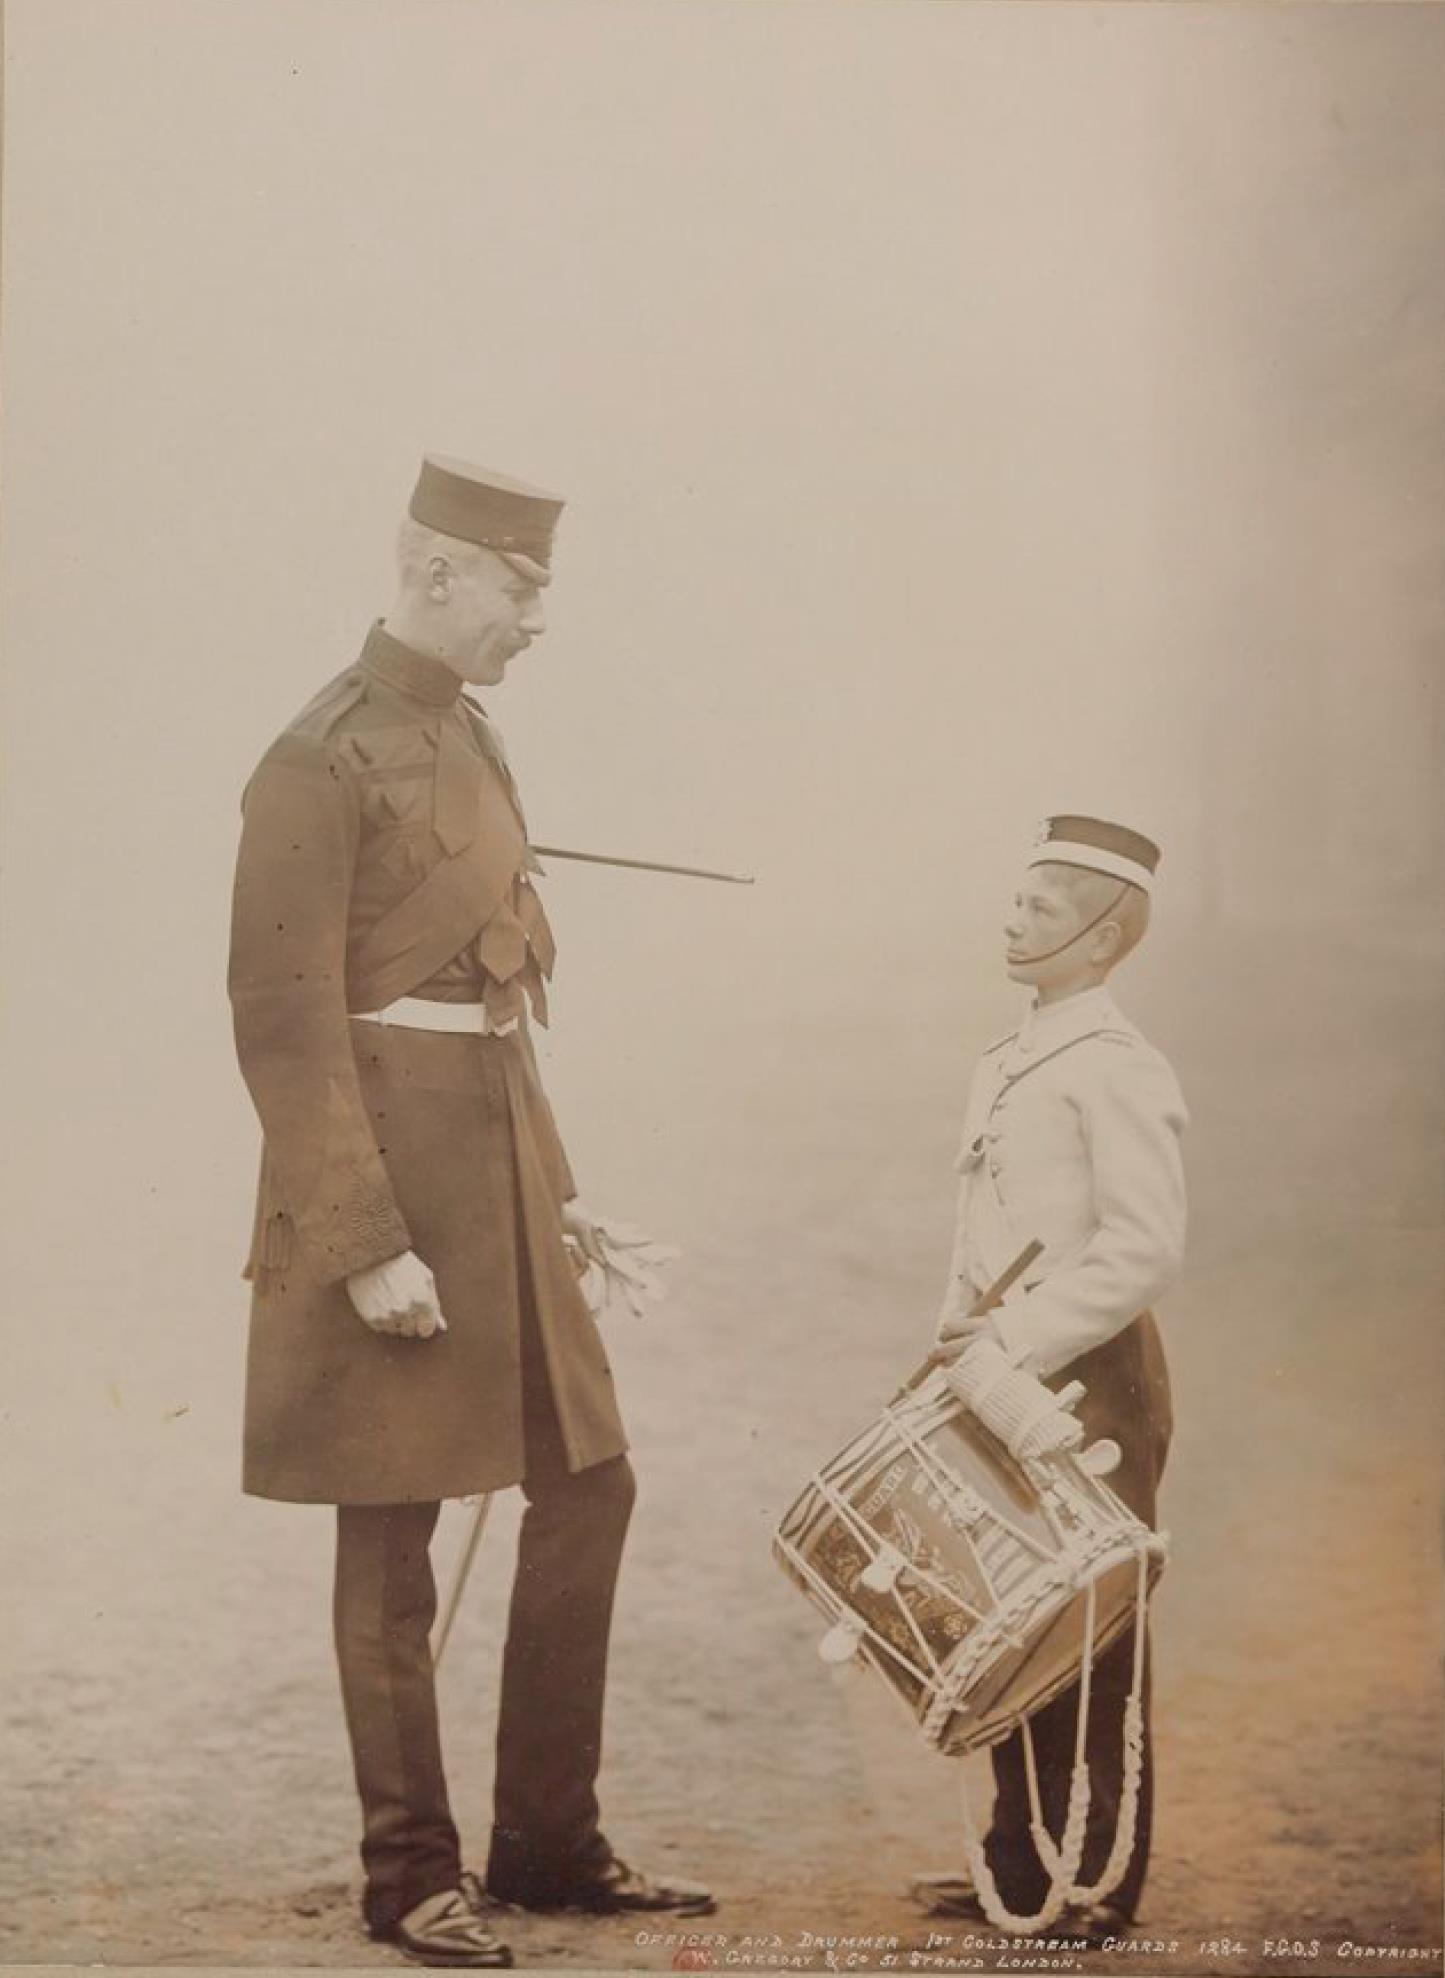 Офицер и барабанщик. Колдстримский пехотный гвардейский полк Её Величества